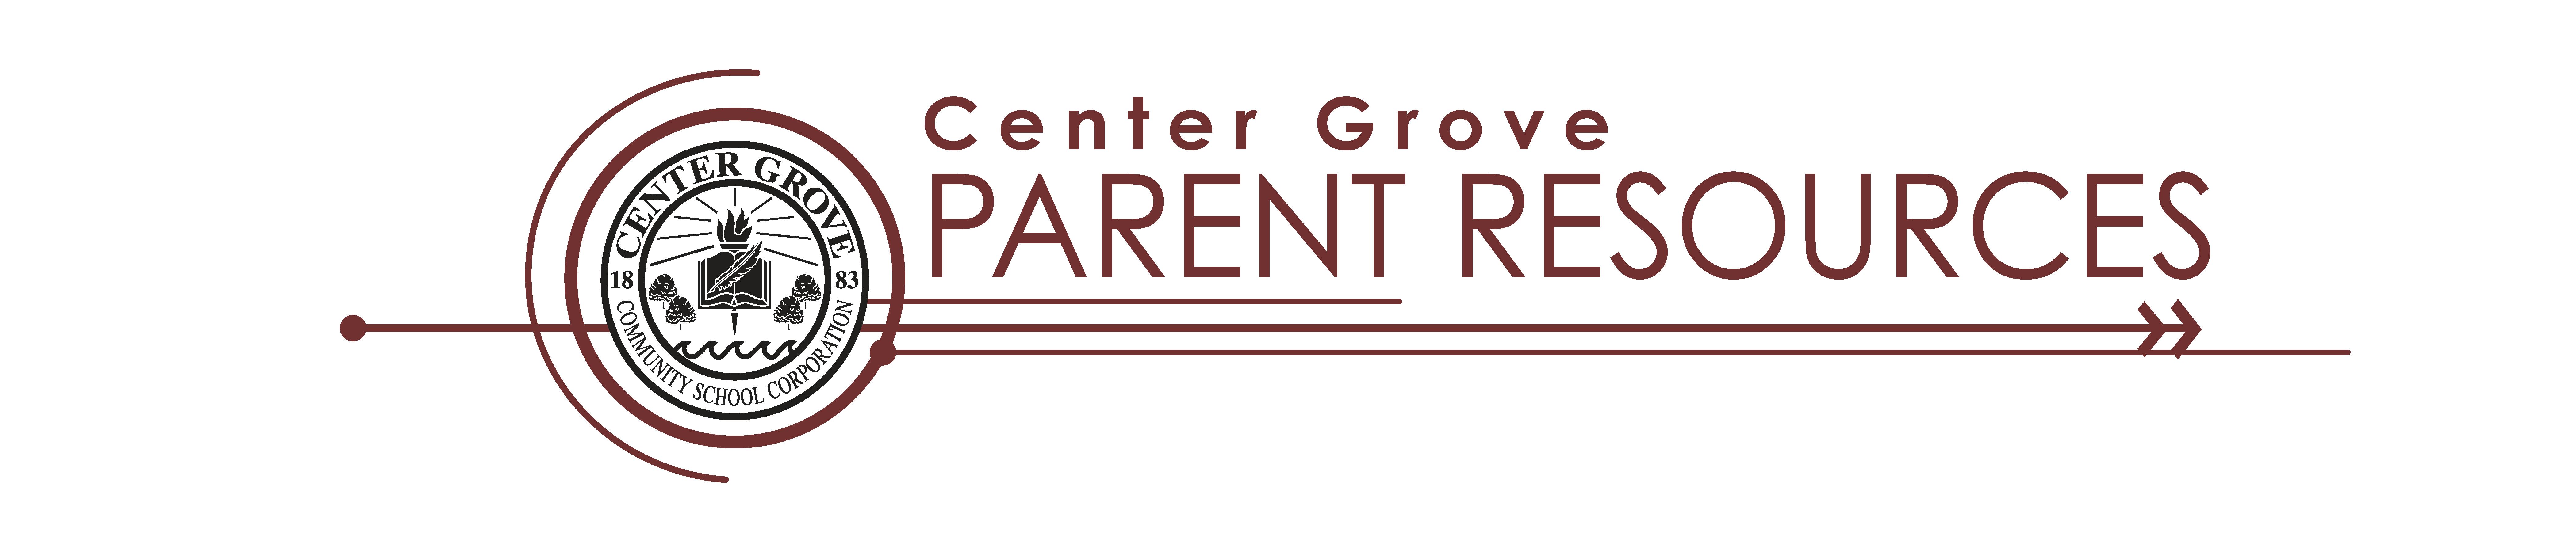 Parent Resources Community Agencies